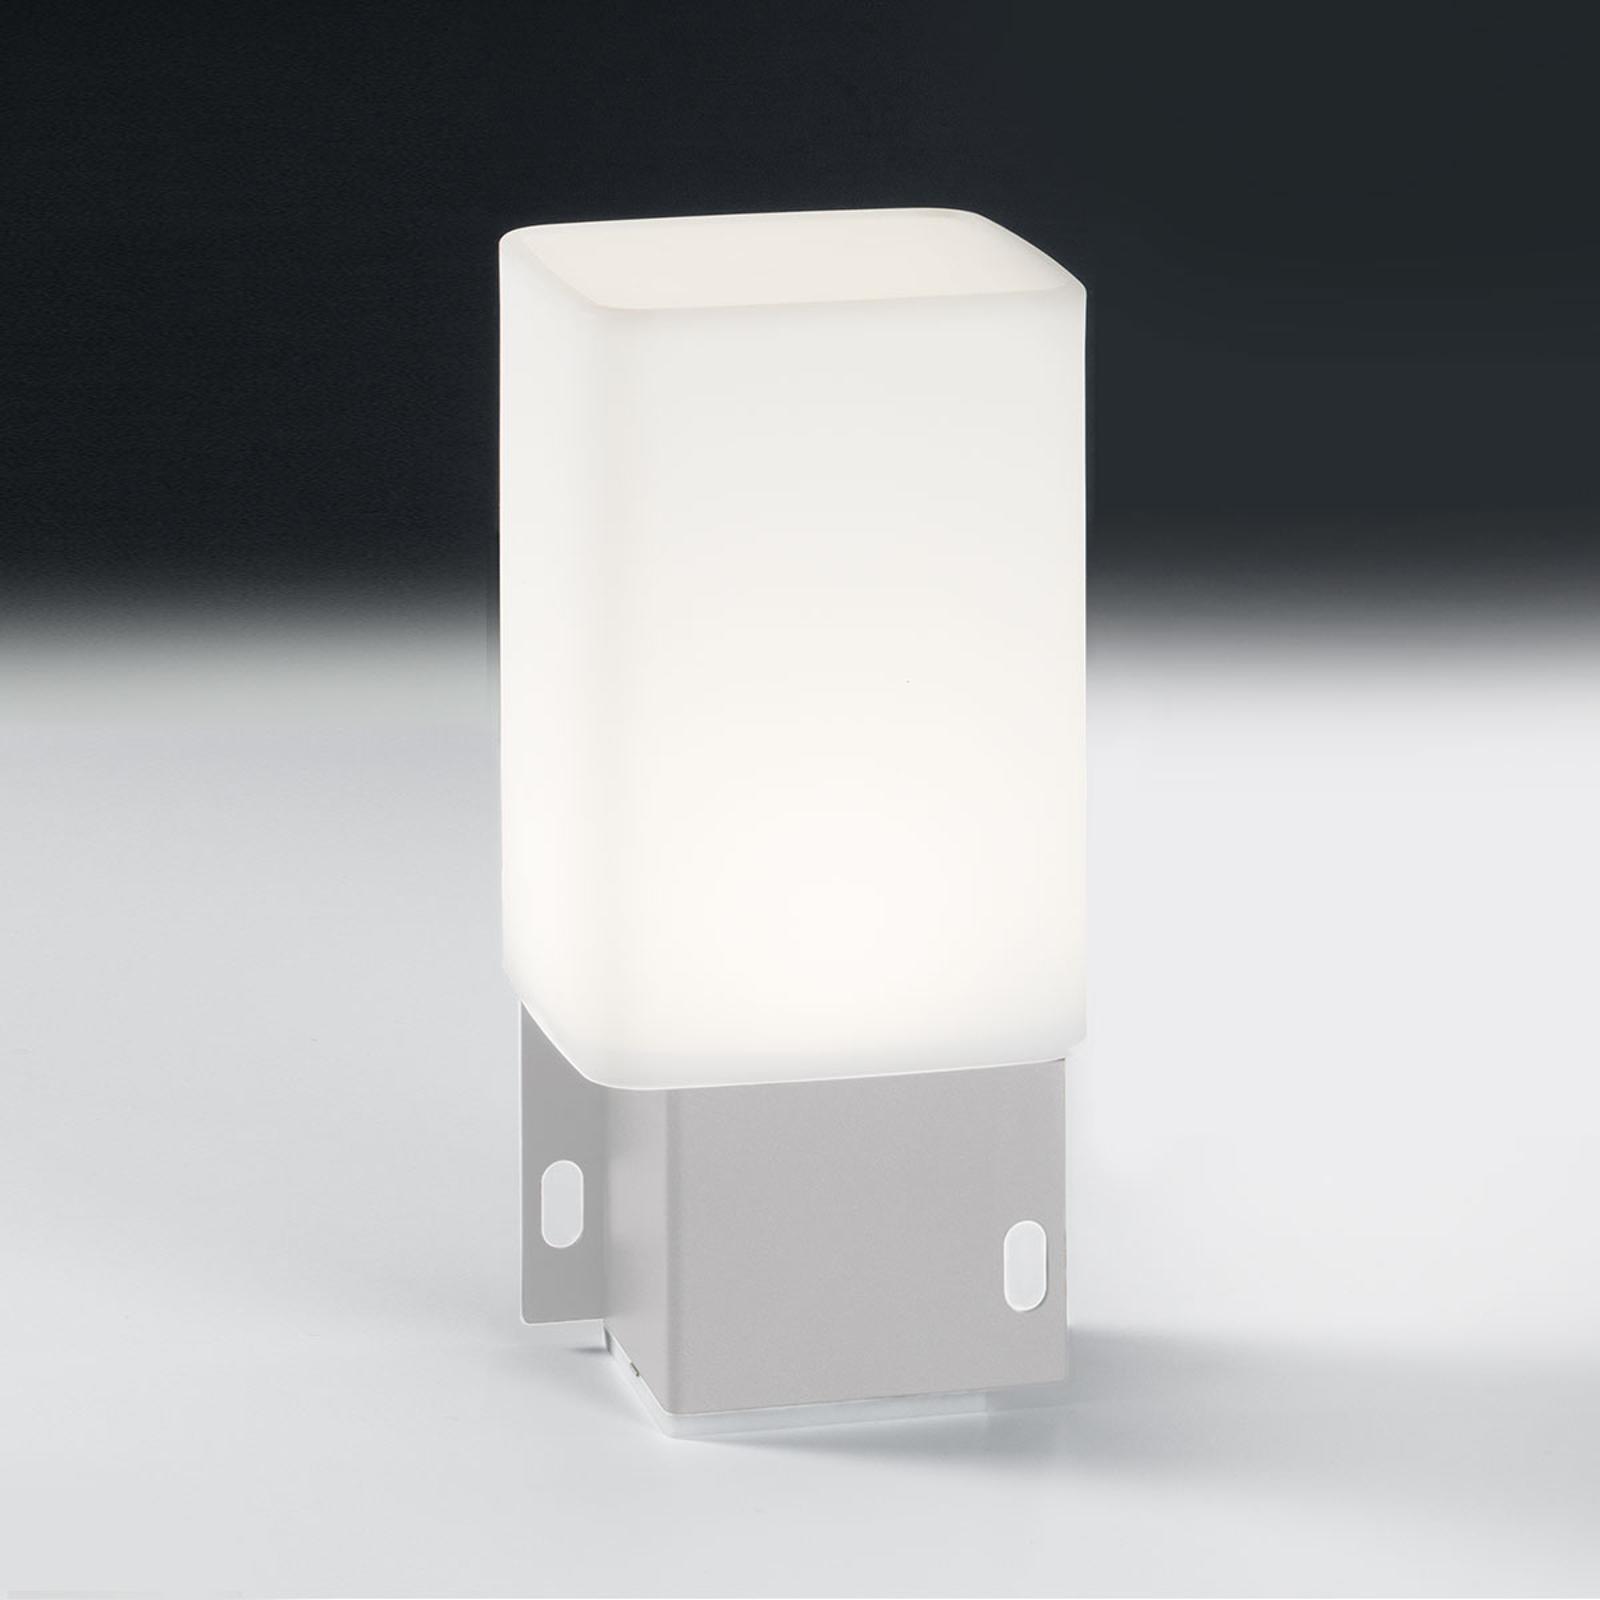 LED-ulkokoristevalaisin Cuadrat, valkoinen